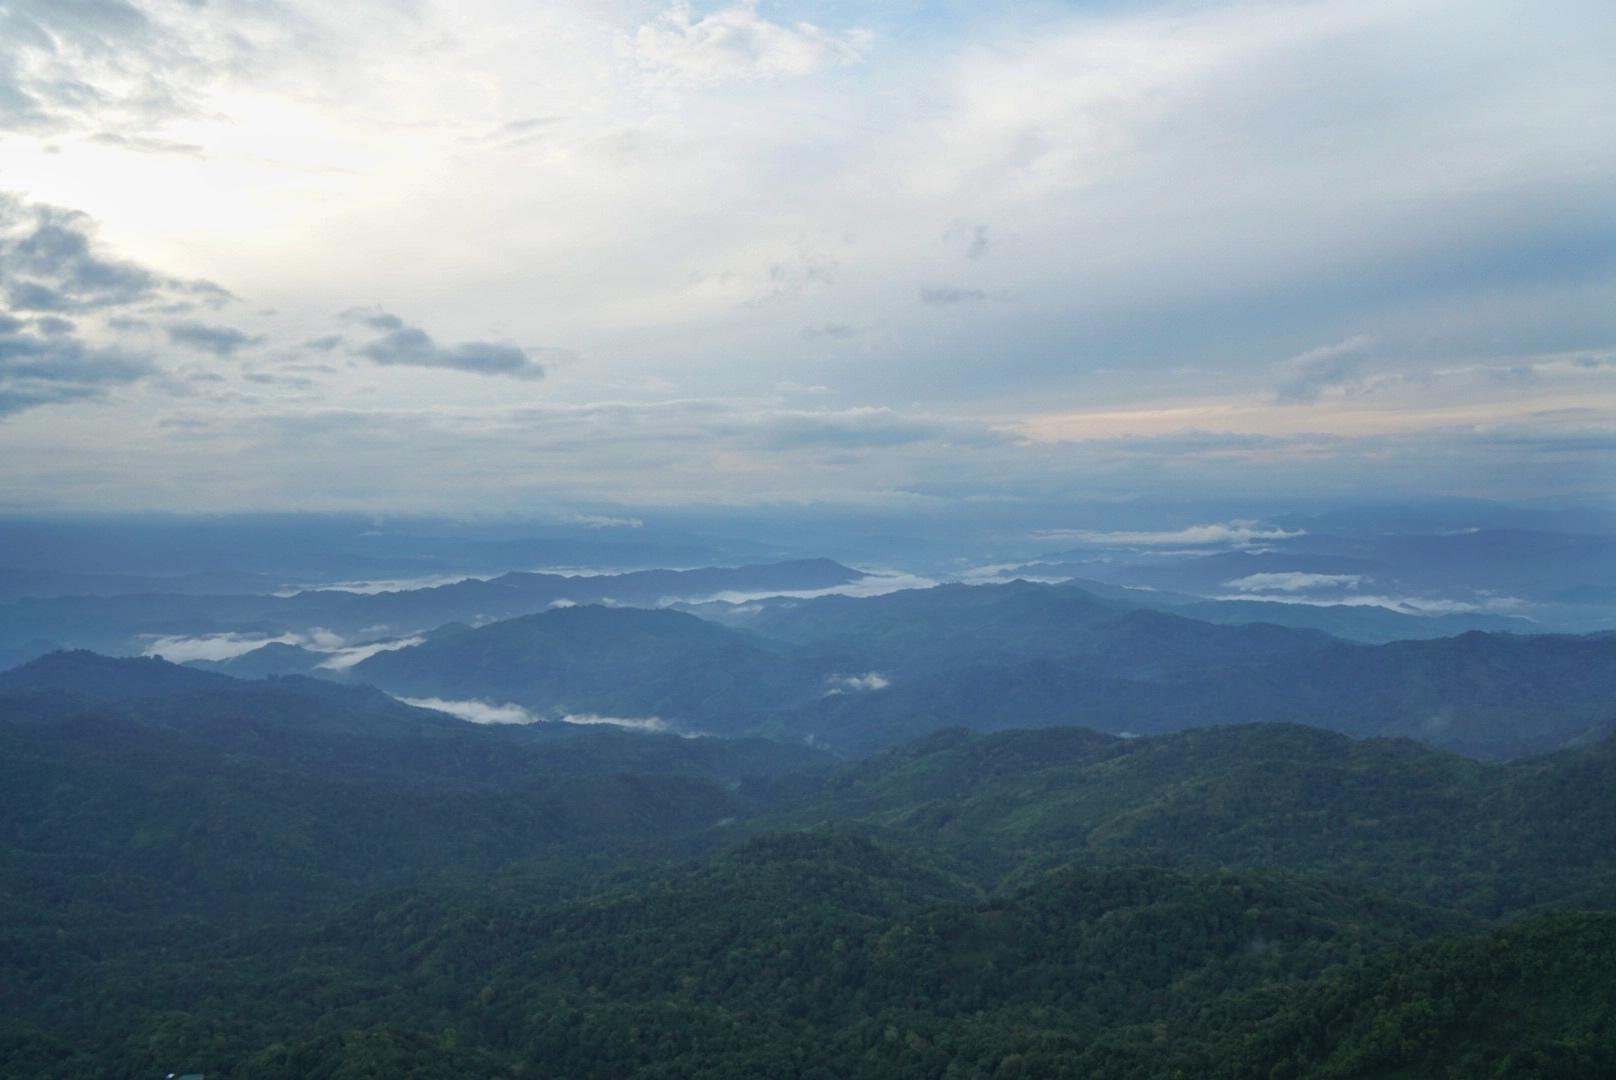 thandaunggyi myanmar